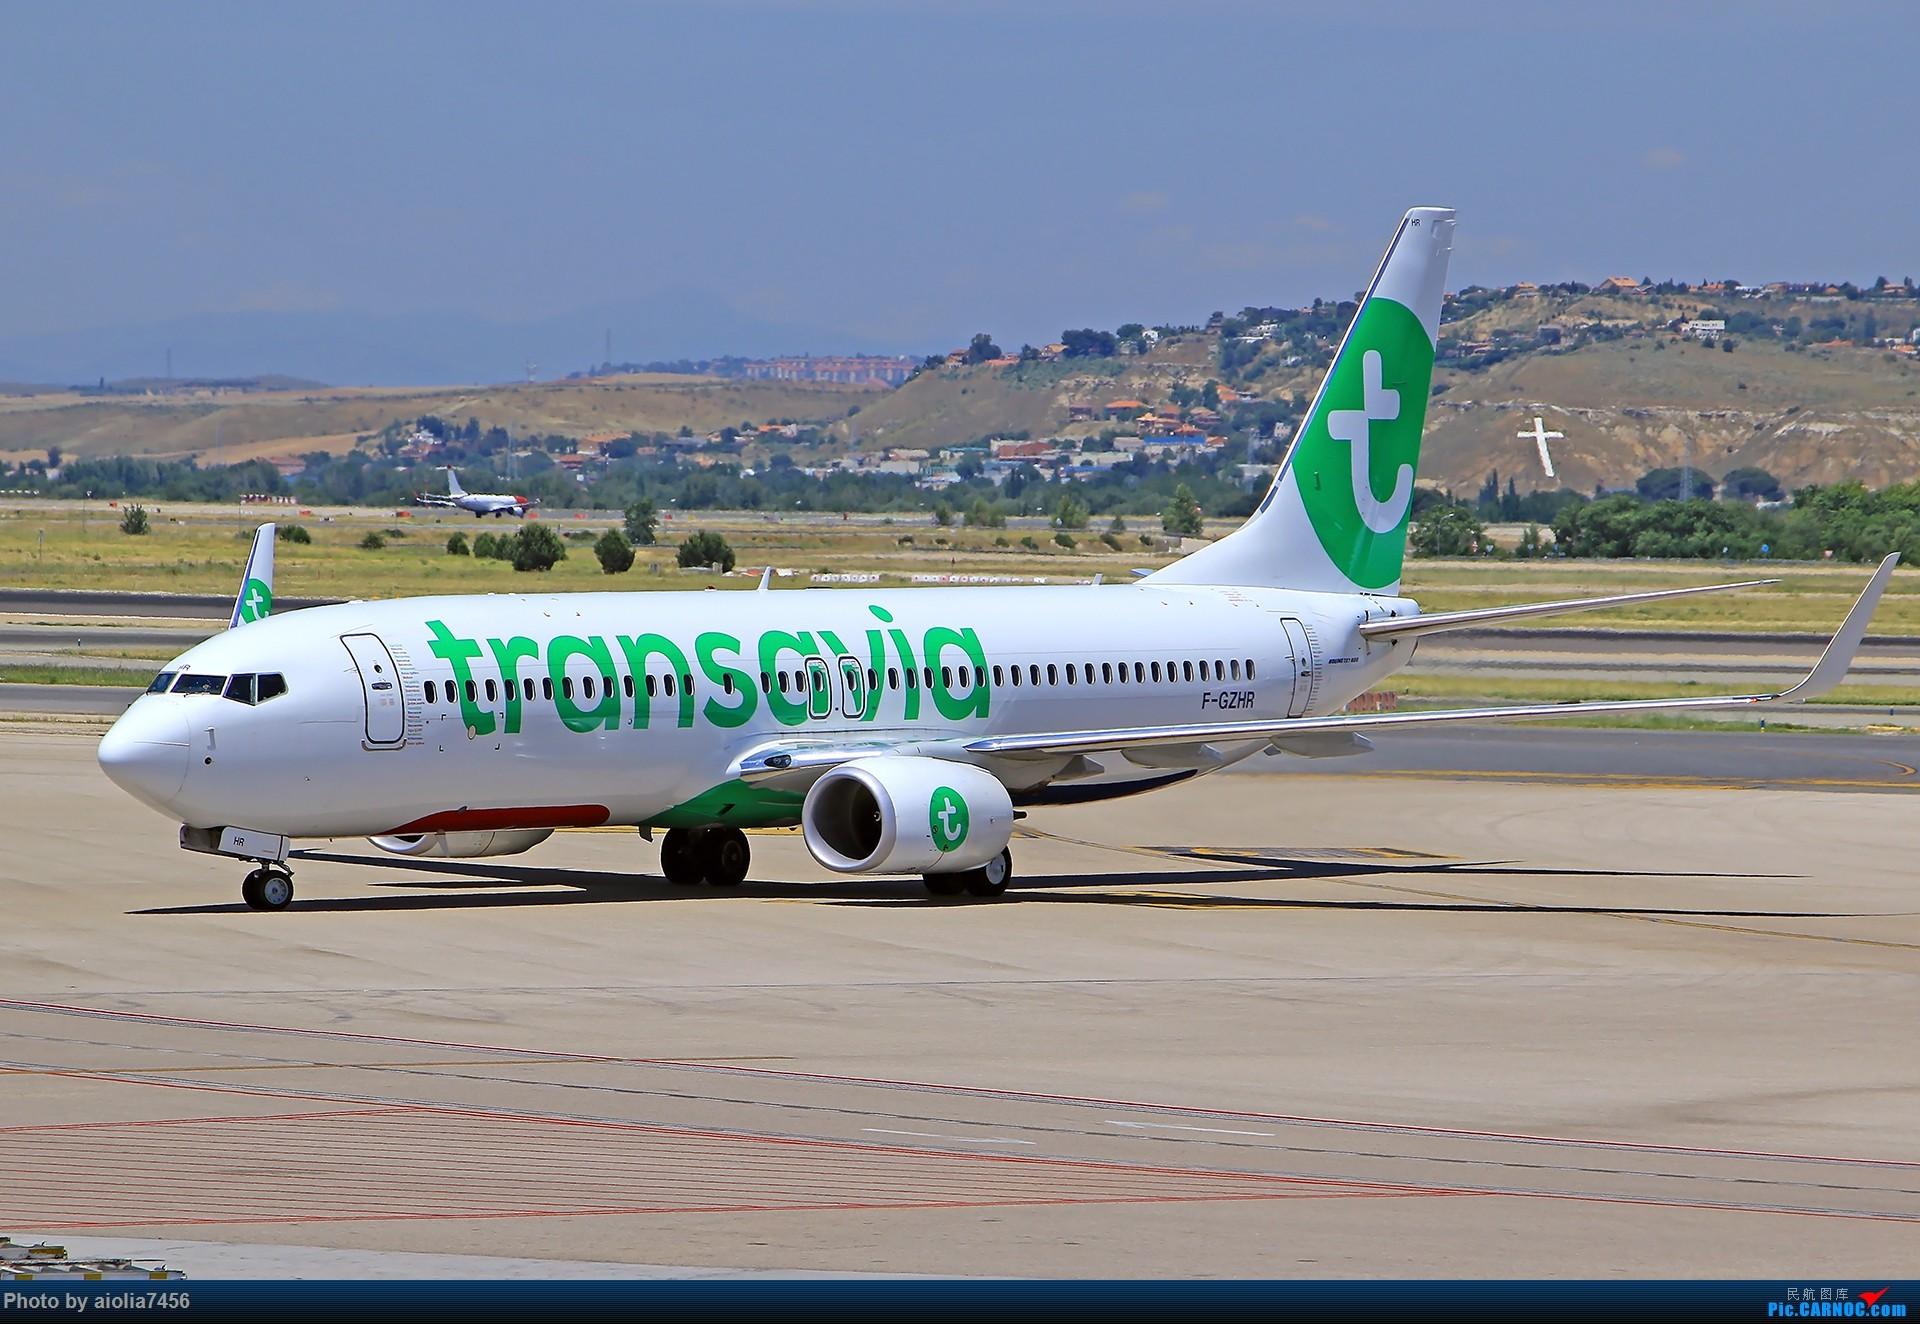 Re:[原创]【合肥飞友会】西行归来第二弹--西行拍机 BOEING 737-800 F-GZHR 西班牙马德里机场